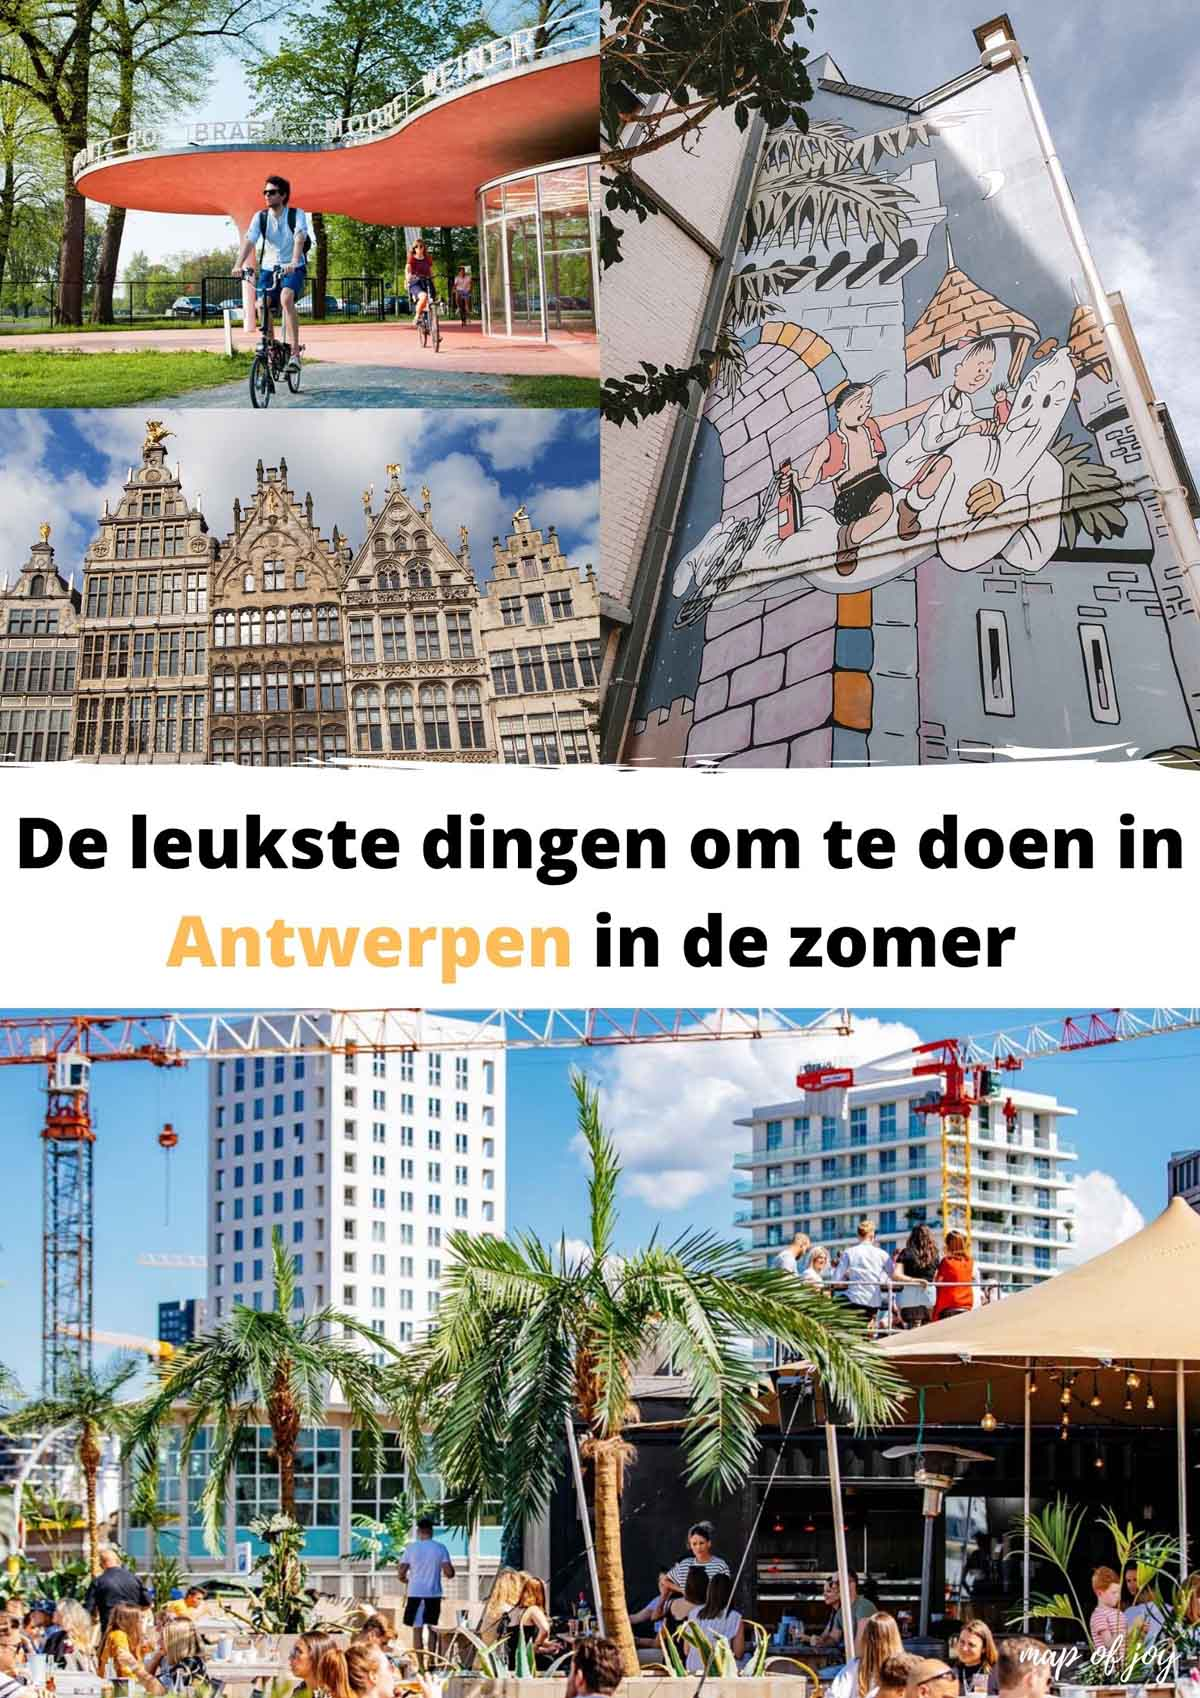 De leukste dingen om te doen in Antwerpen in de zomer